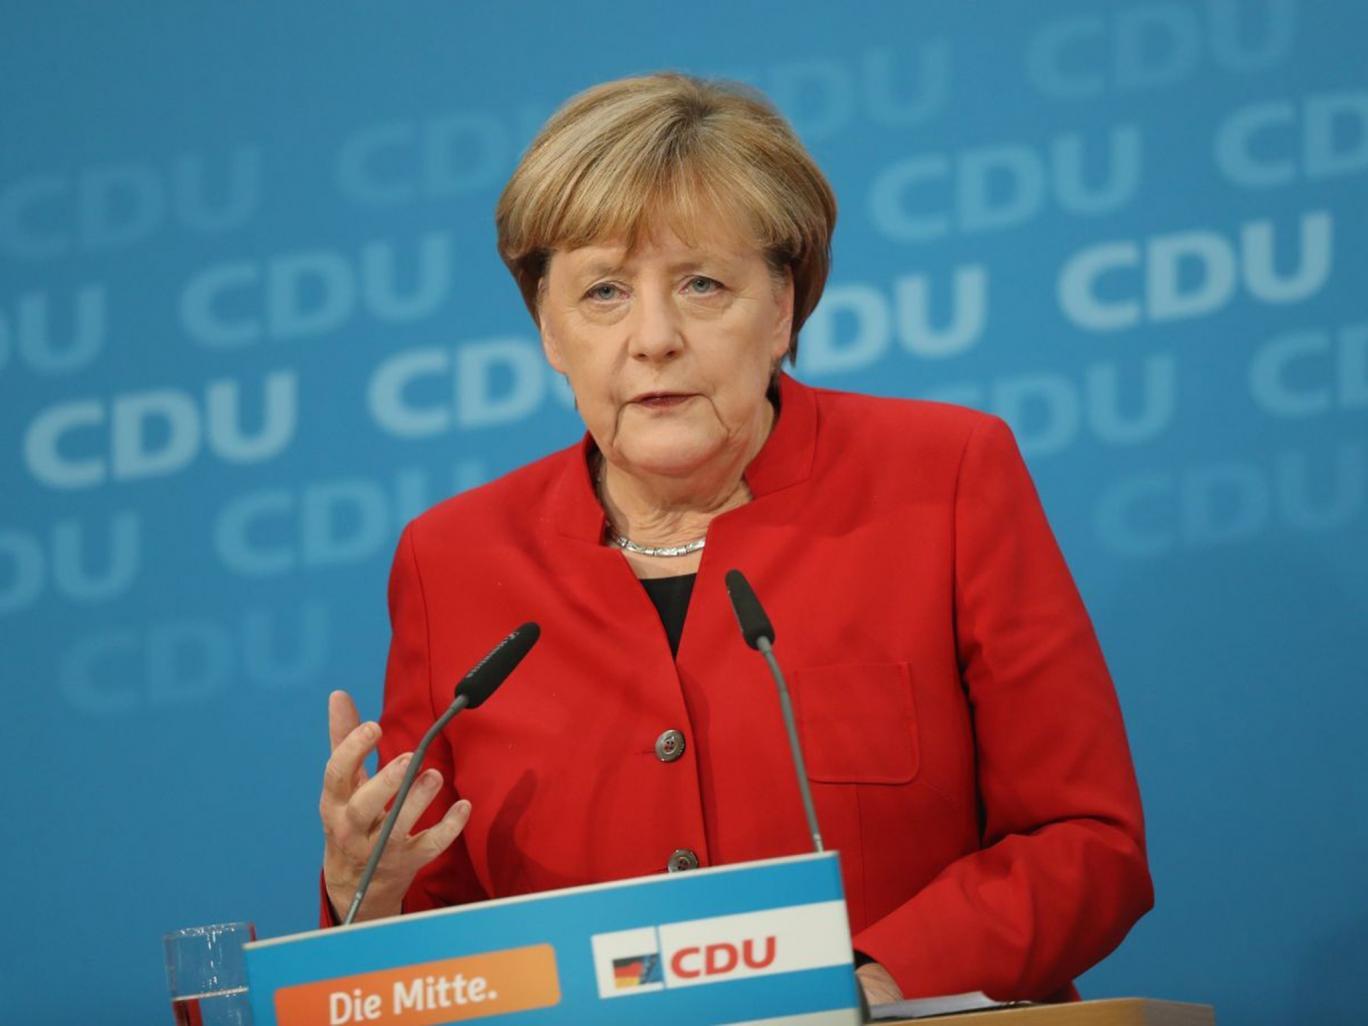 Thủ tướng Đức Angela Merkel tuyên bố tái tranh cử- những cơ hội và thách thức (22/11/2016)